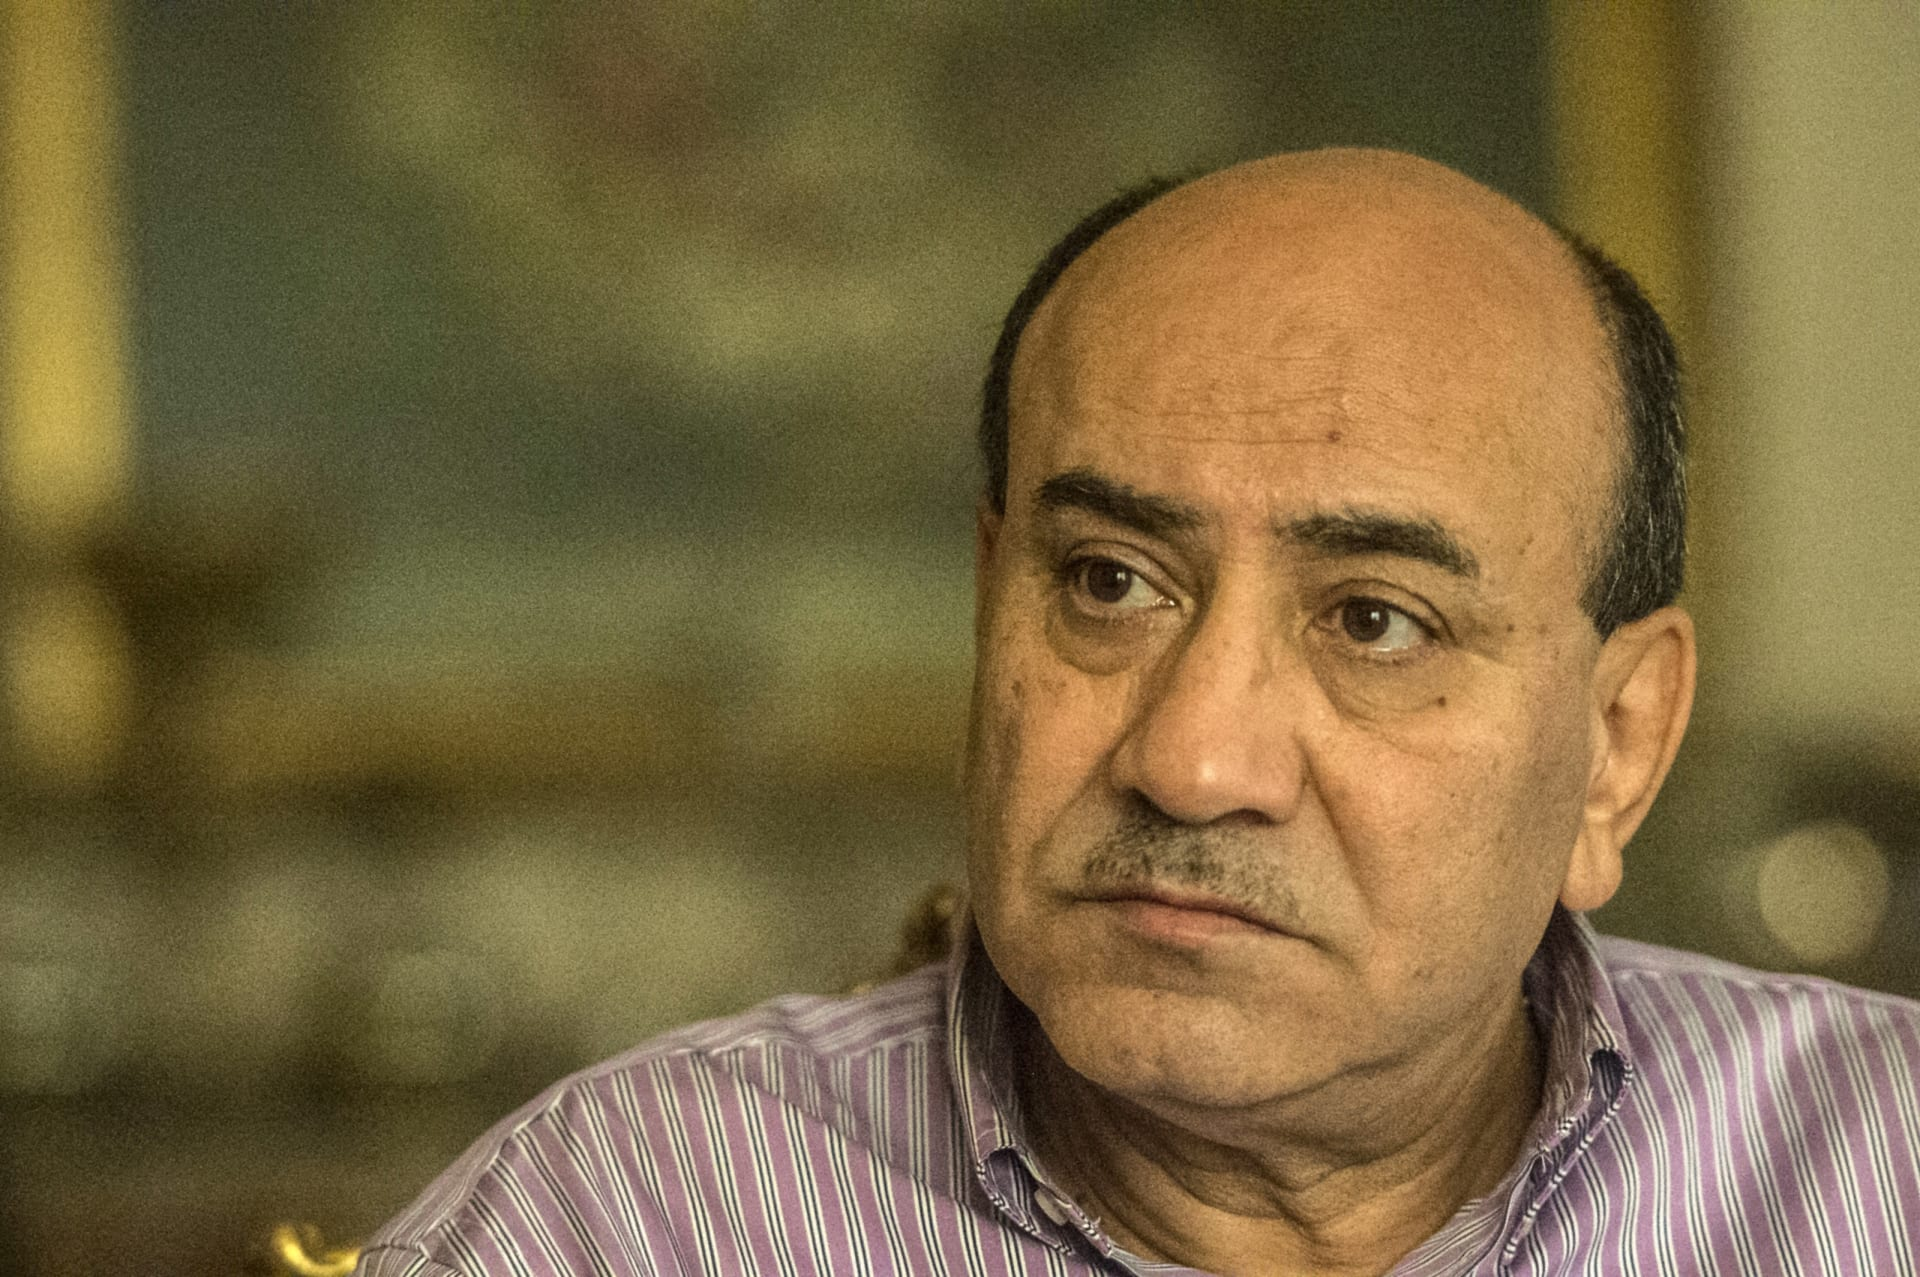 القضاء المصري يخلي سبيل المتهمين بمهاجمة هشام جنينه